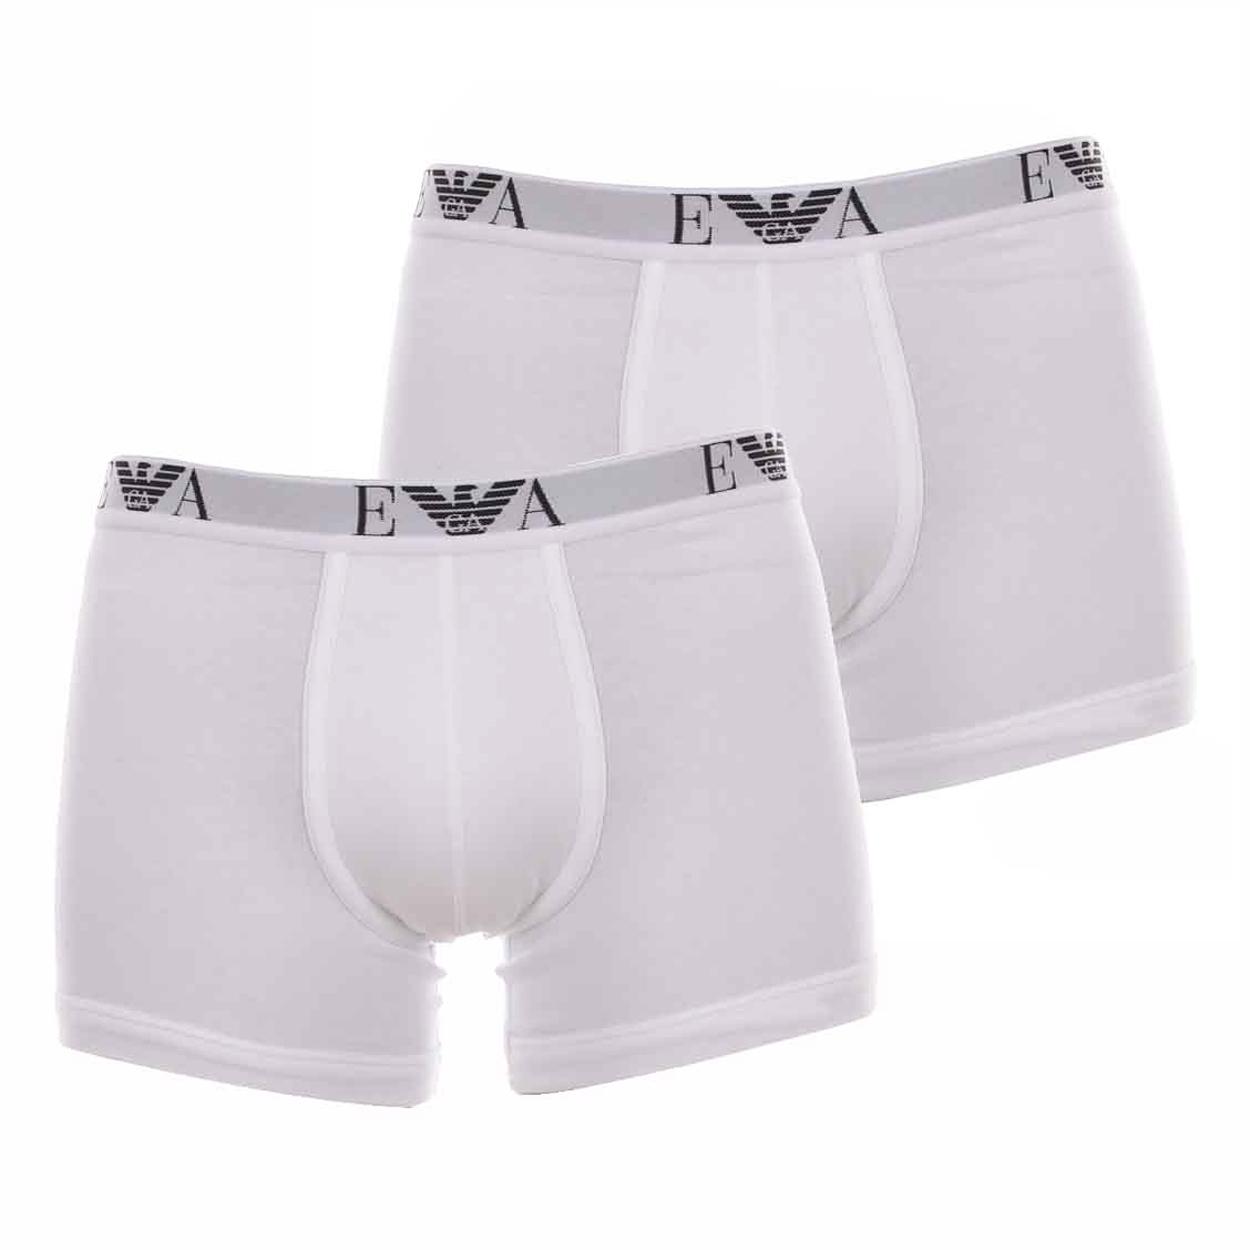 Lot de 2 boxers longs  en coton stretch blanc brodés sur la ceinture